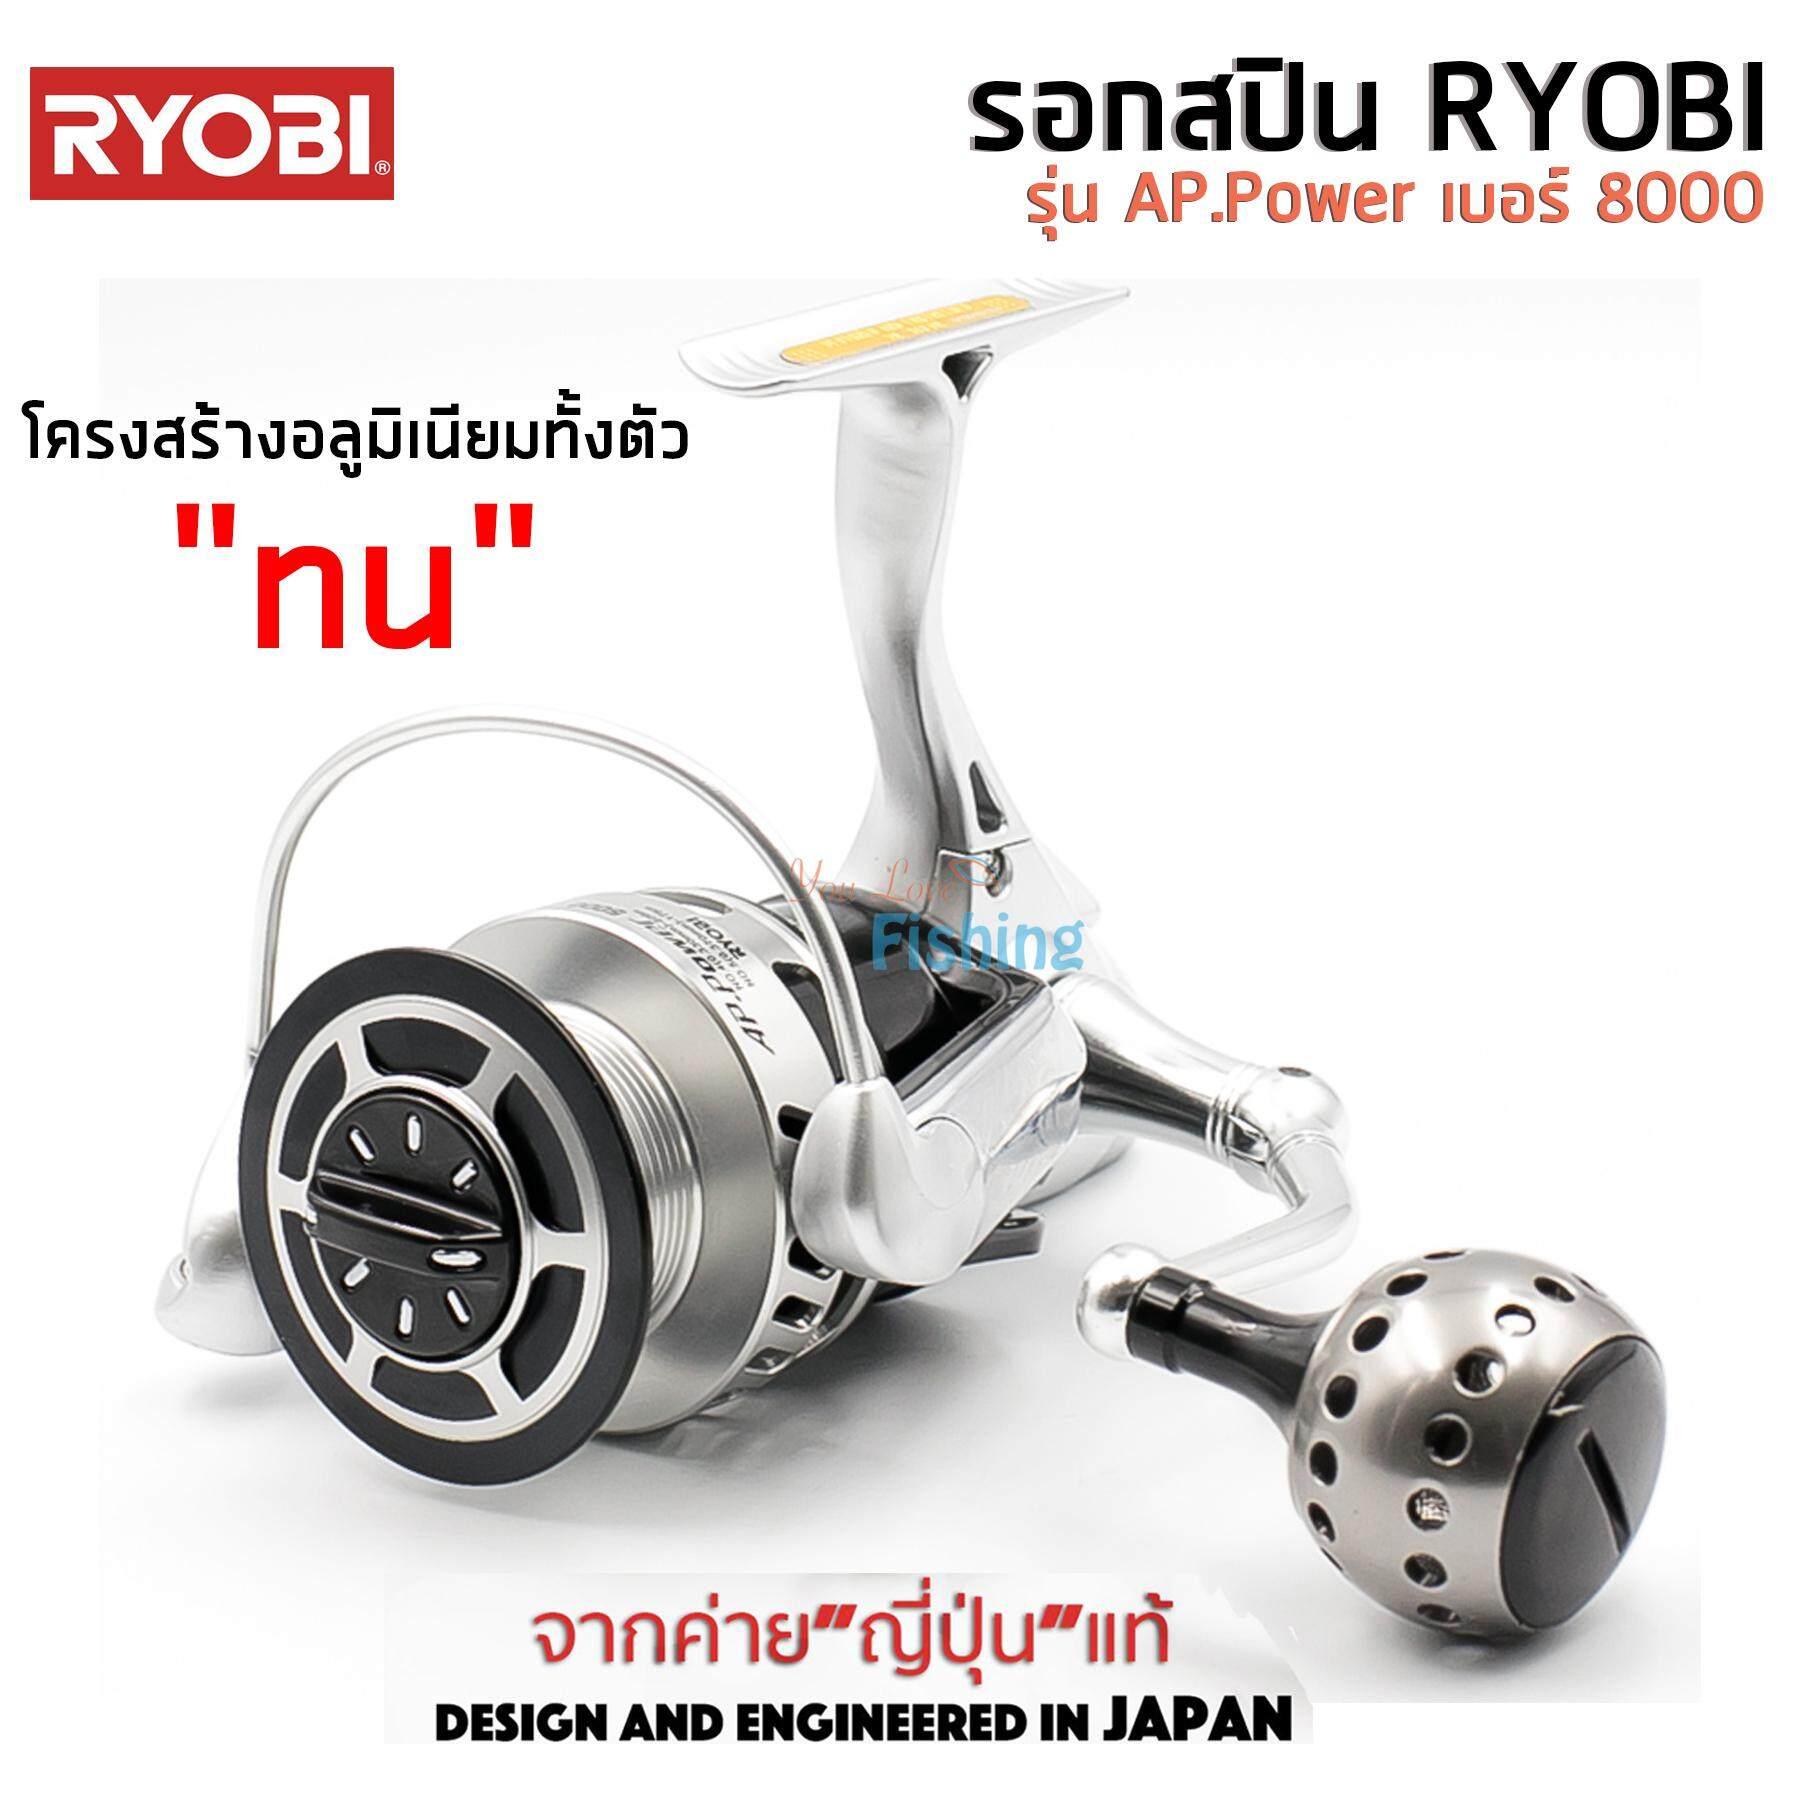 รอกตกปลา Ryobi AP Power มี 5 เบอร์ 2000 /4000 /5000 /6000 /8000 โครงสร้าง Aluminium เหมาะกับงานหนักๆ ทั้งตกปลาบึก สวายใหญ่ รวมถึงตกปลาทะเล